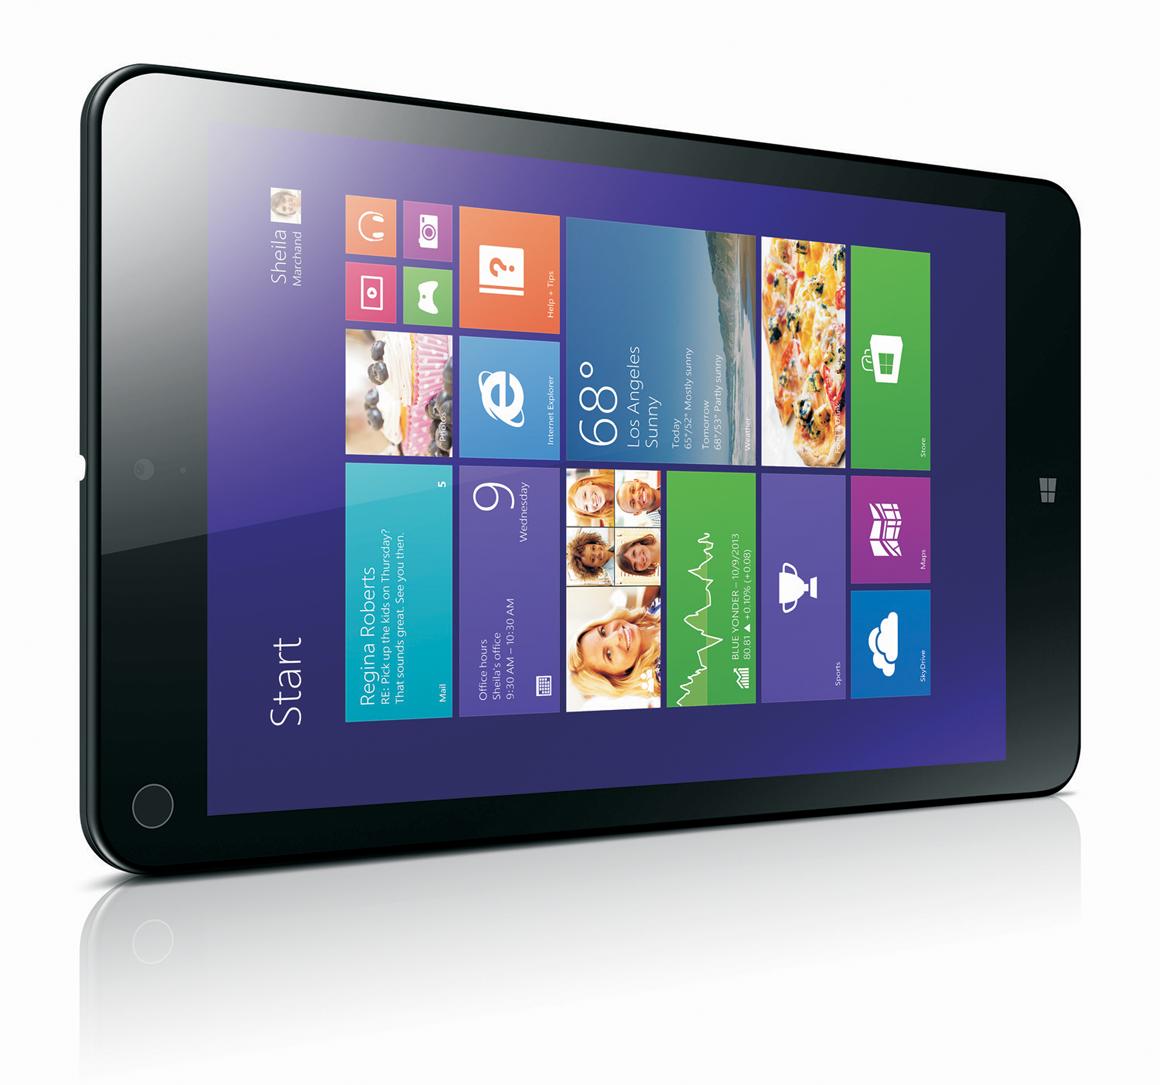 Lenovos Mobile CES Portfolio A New ThinkPad X1 Carbon